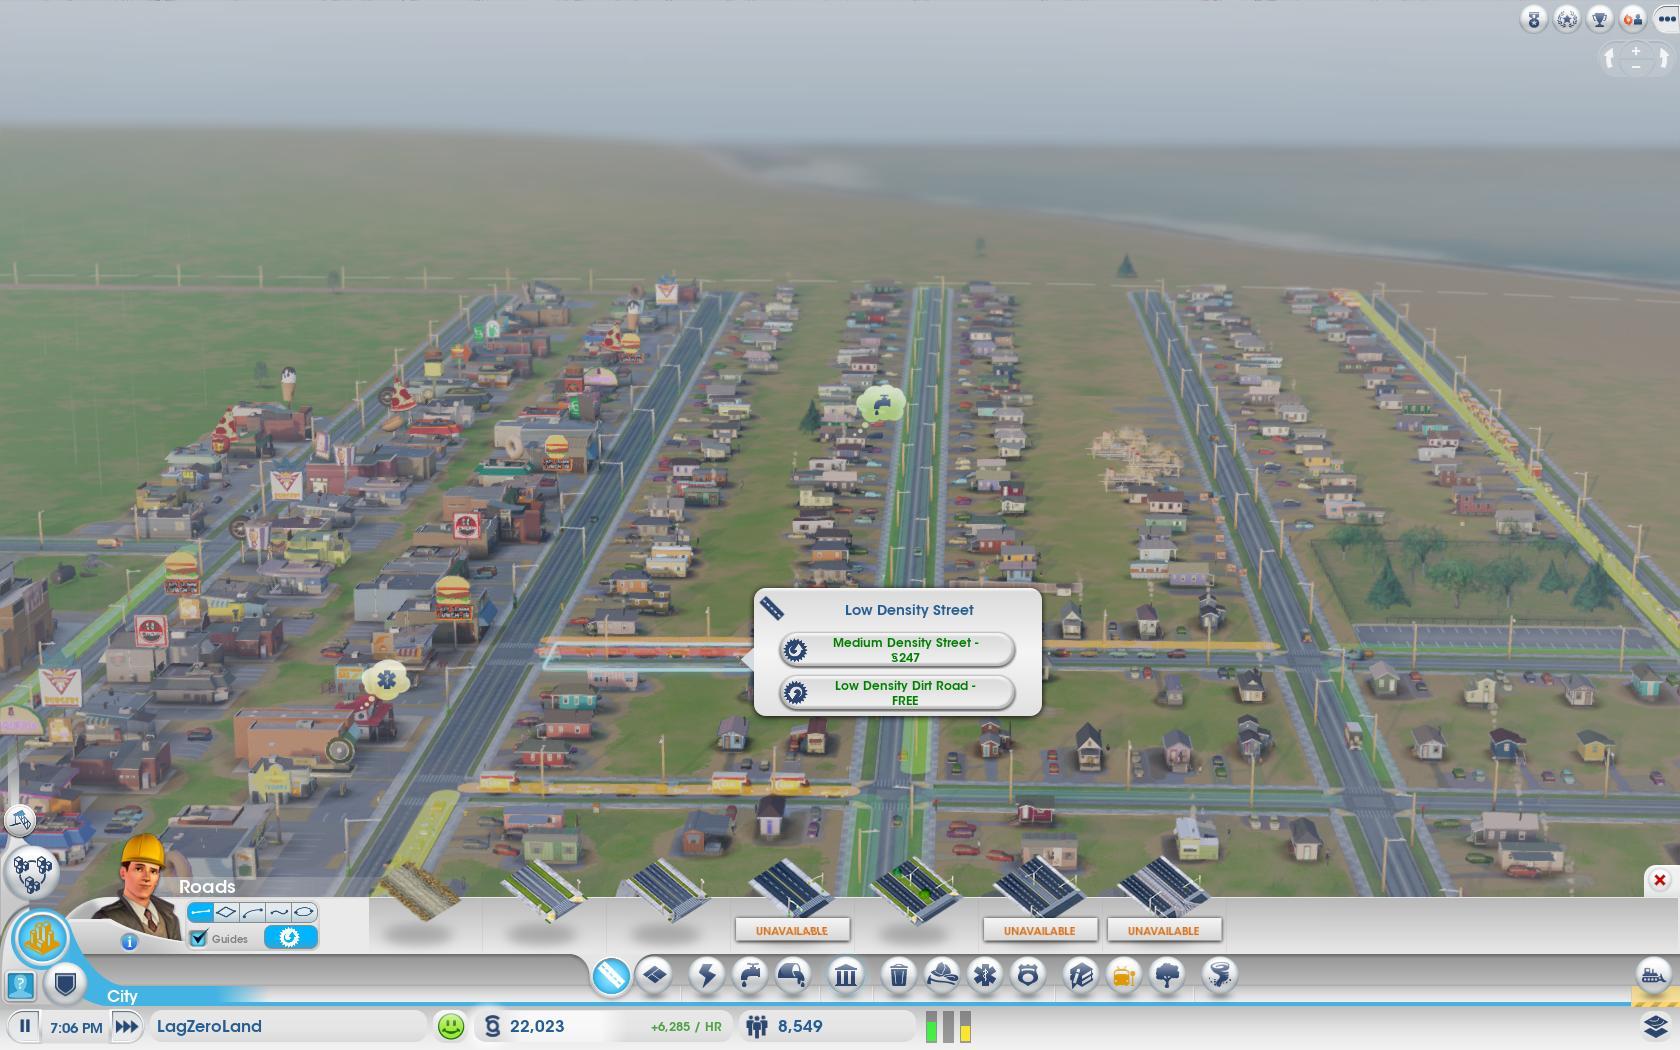 Desastre en el gobierno central: SimCity con muchos problemas ya a 48 de su lanzamiento [Server FAILURE]